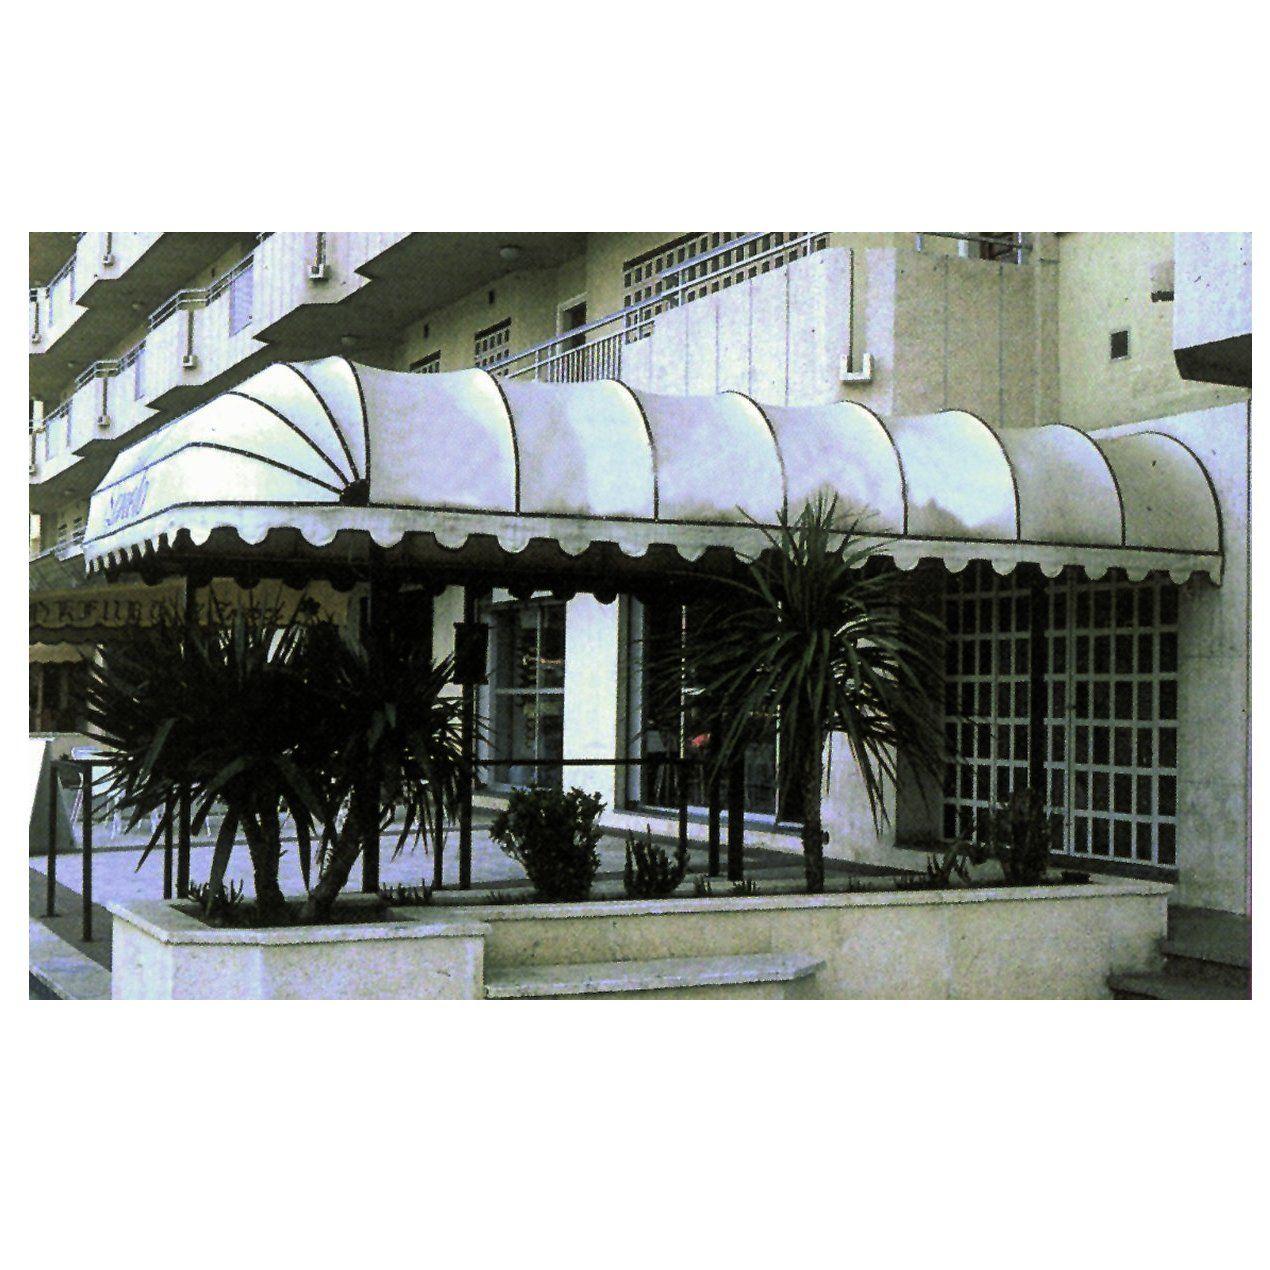 Toldos capota: Servicios de Persianas y Toldos de la Cruz, S.L.